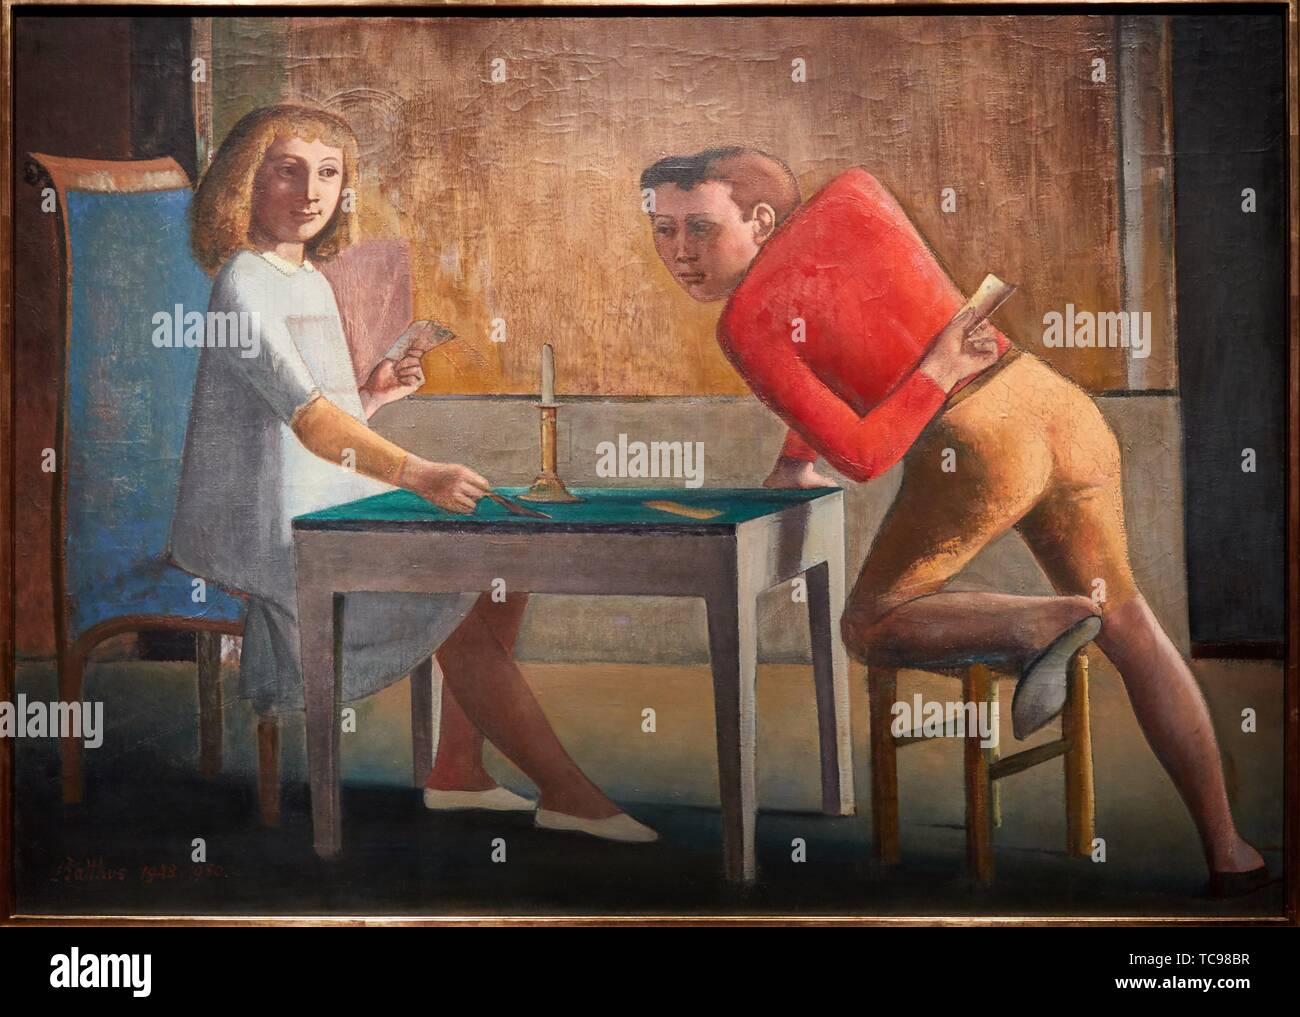 ''' Das Kartenspiel'', 1948-1950, Balthus, Thyssen Bornemisza Museum, Madrid, Spanien, Europa Stockbild